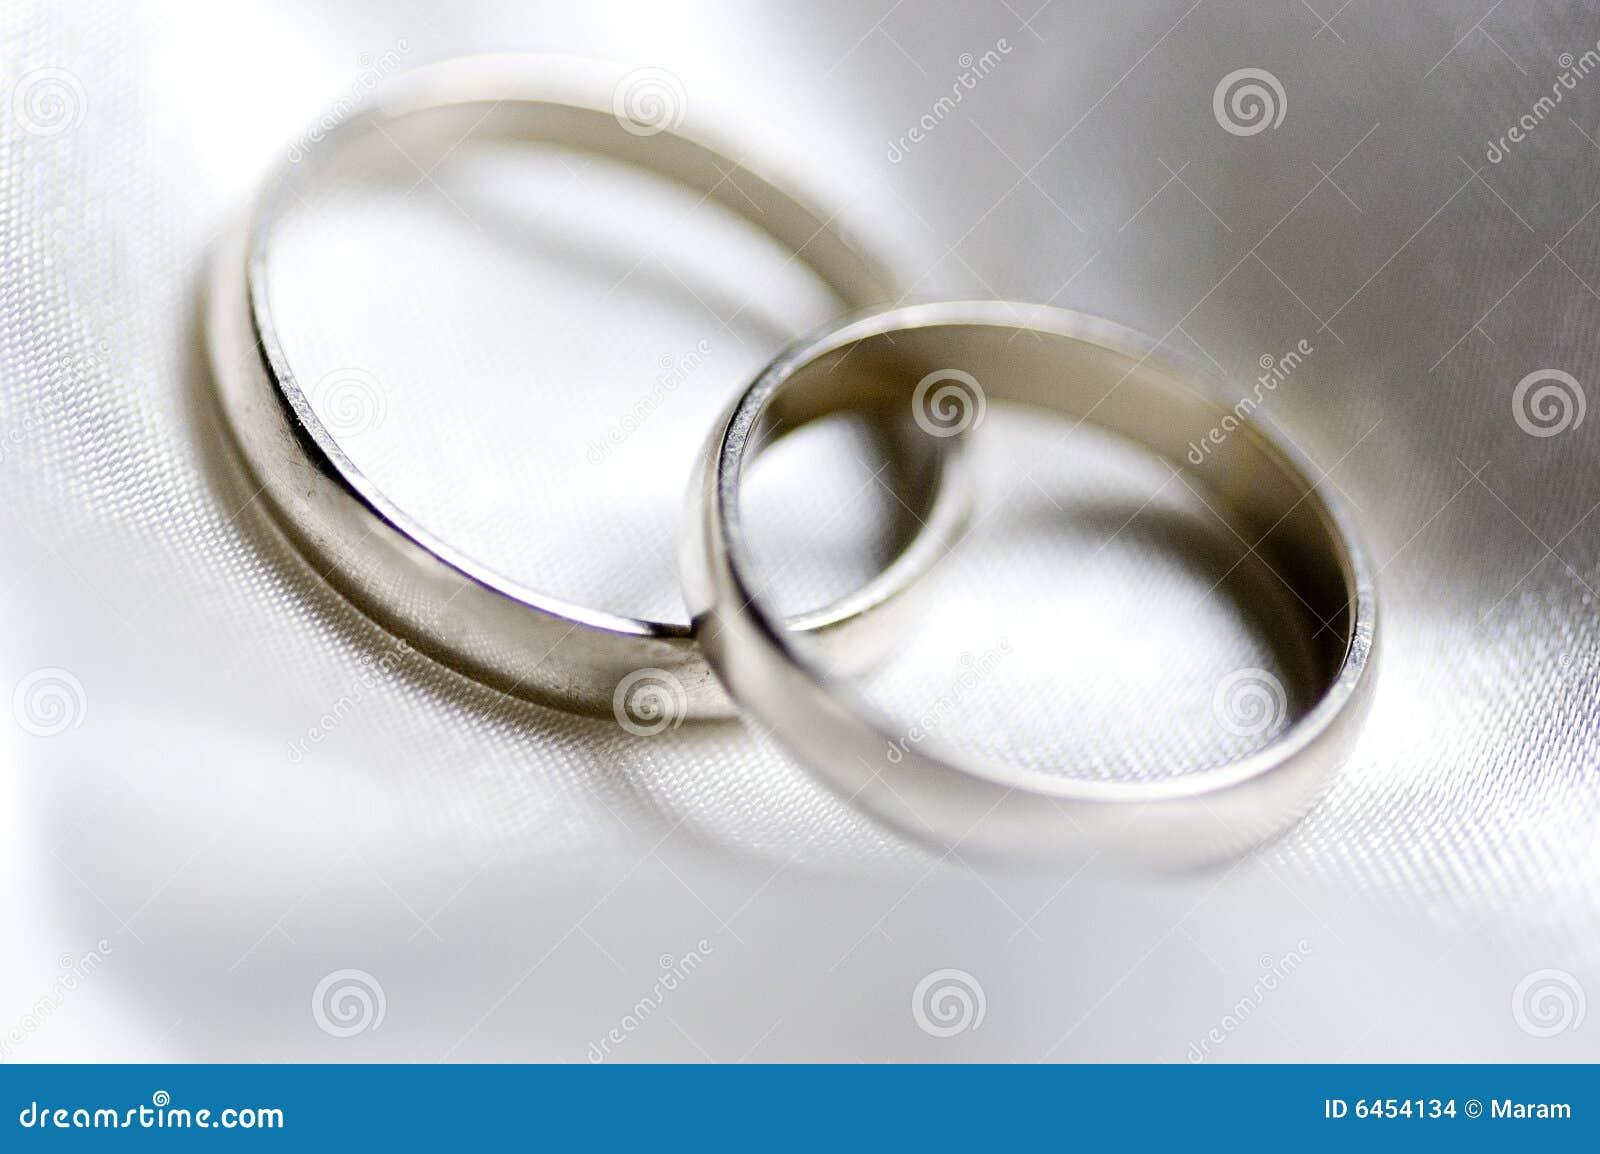 Ringe Der Silbernen Hochzeit Stock Images